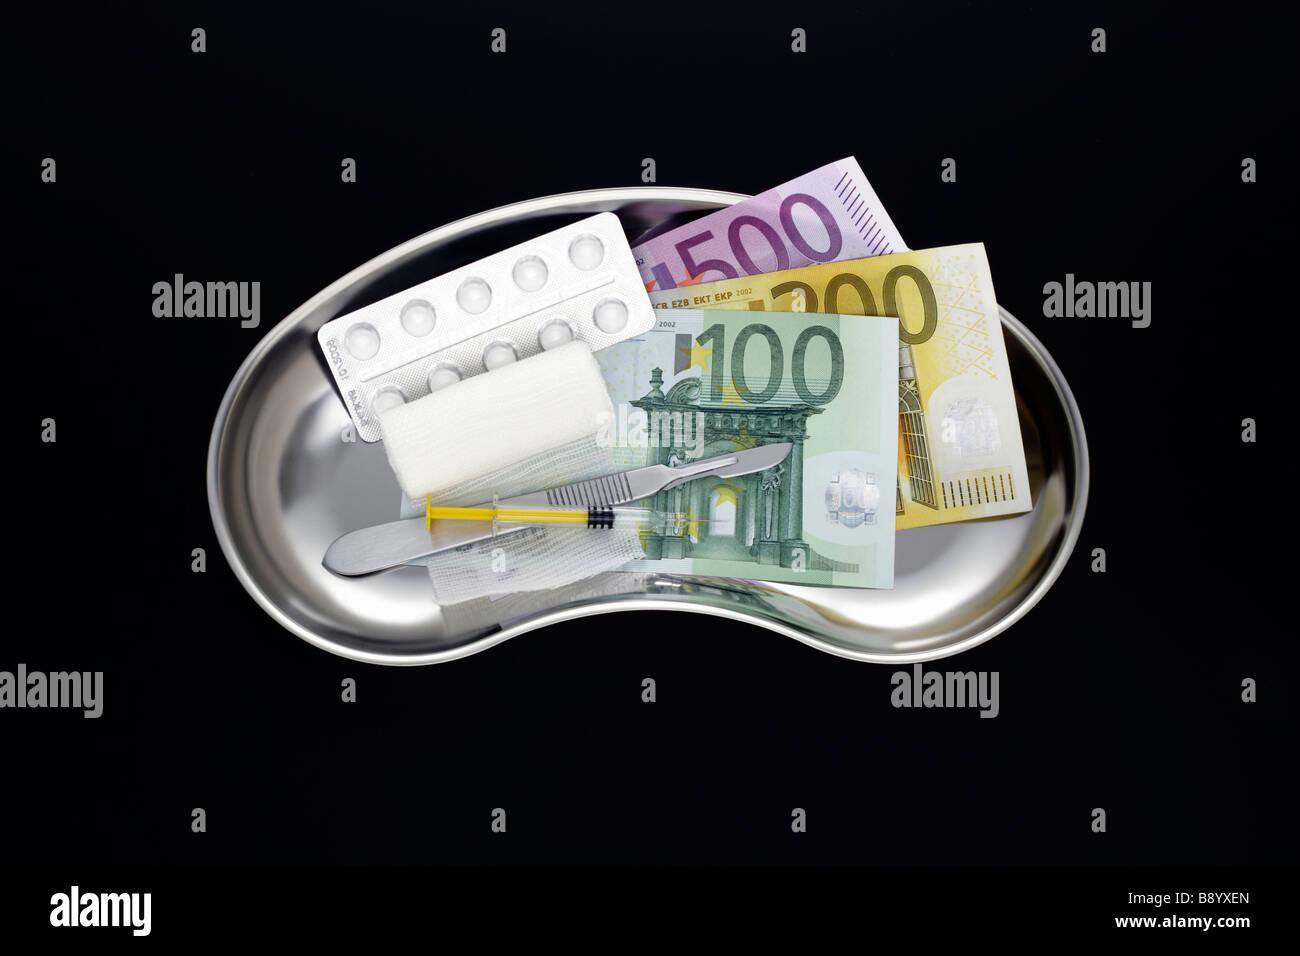 Edelstahl Nierenschale mit Euroscheinen Stock Photo